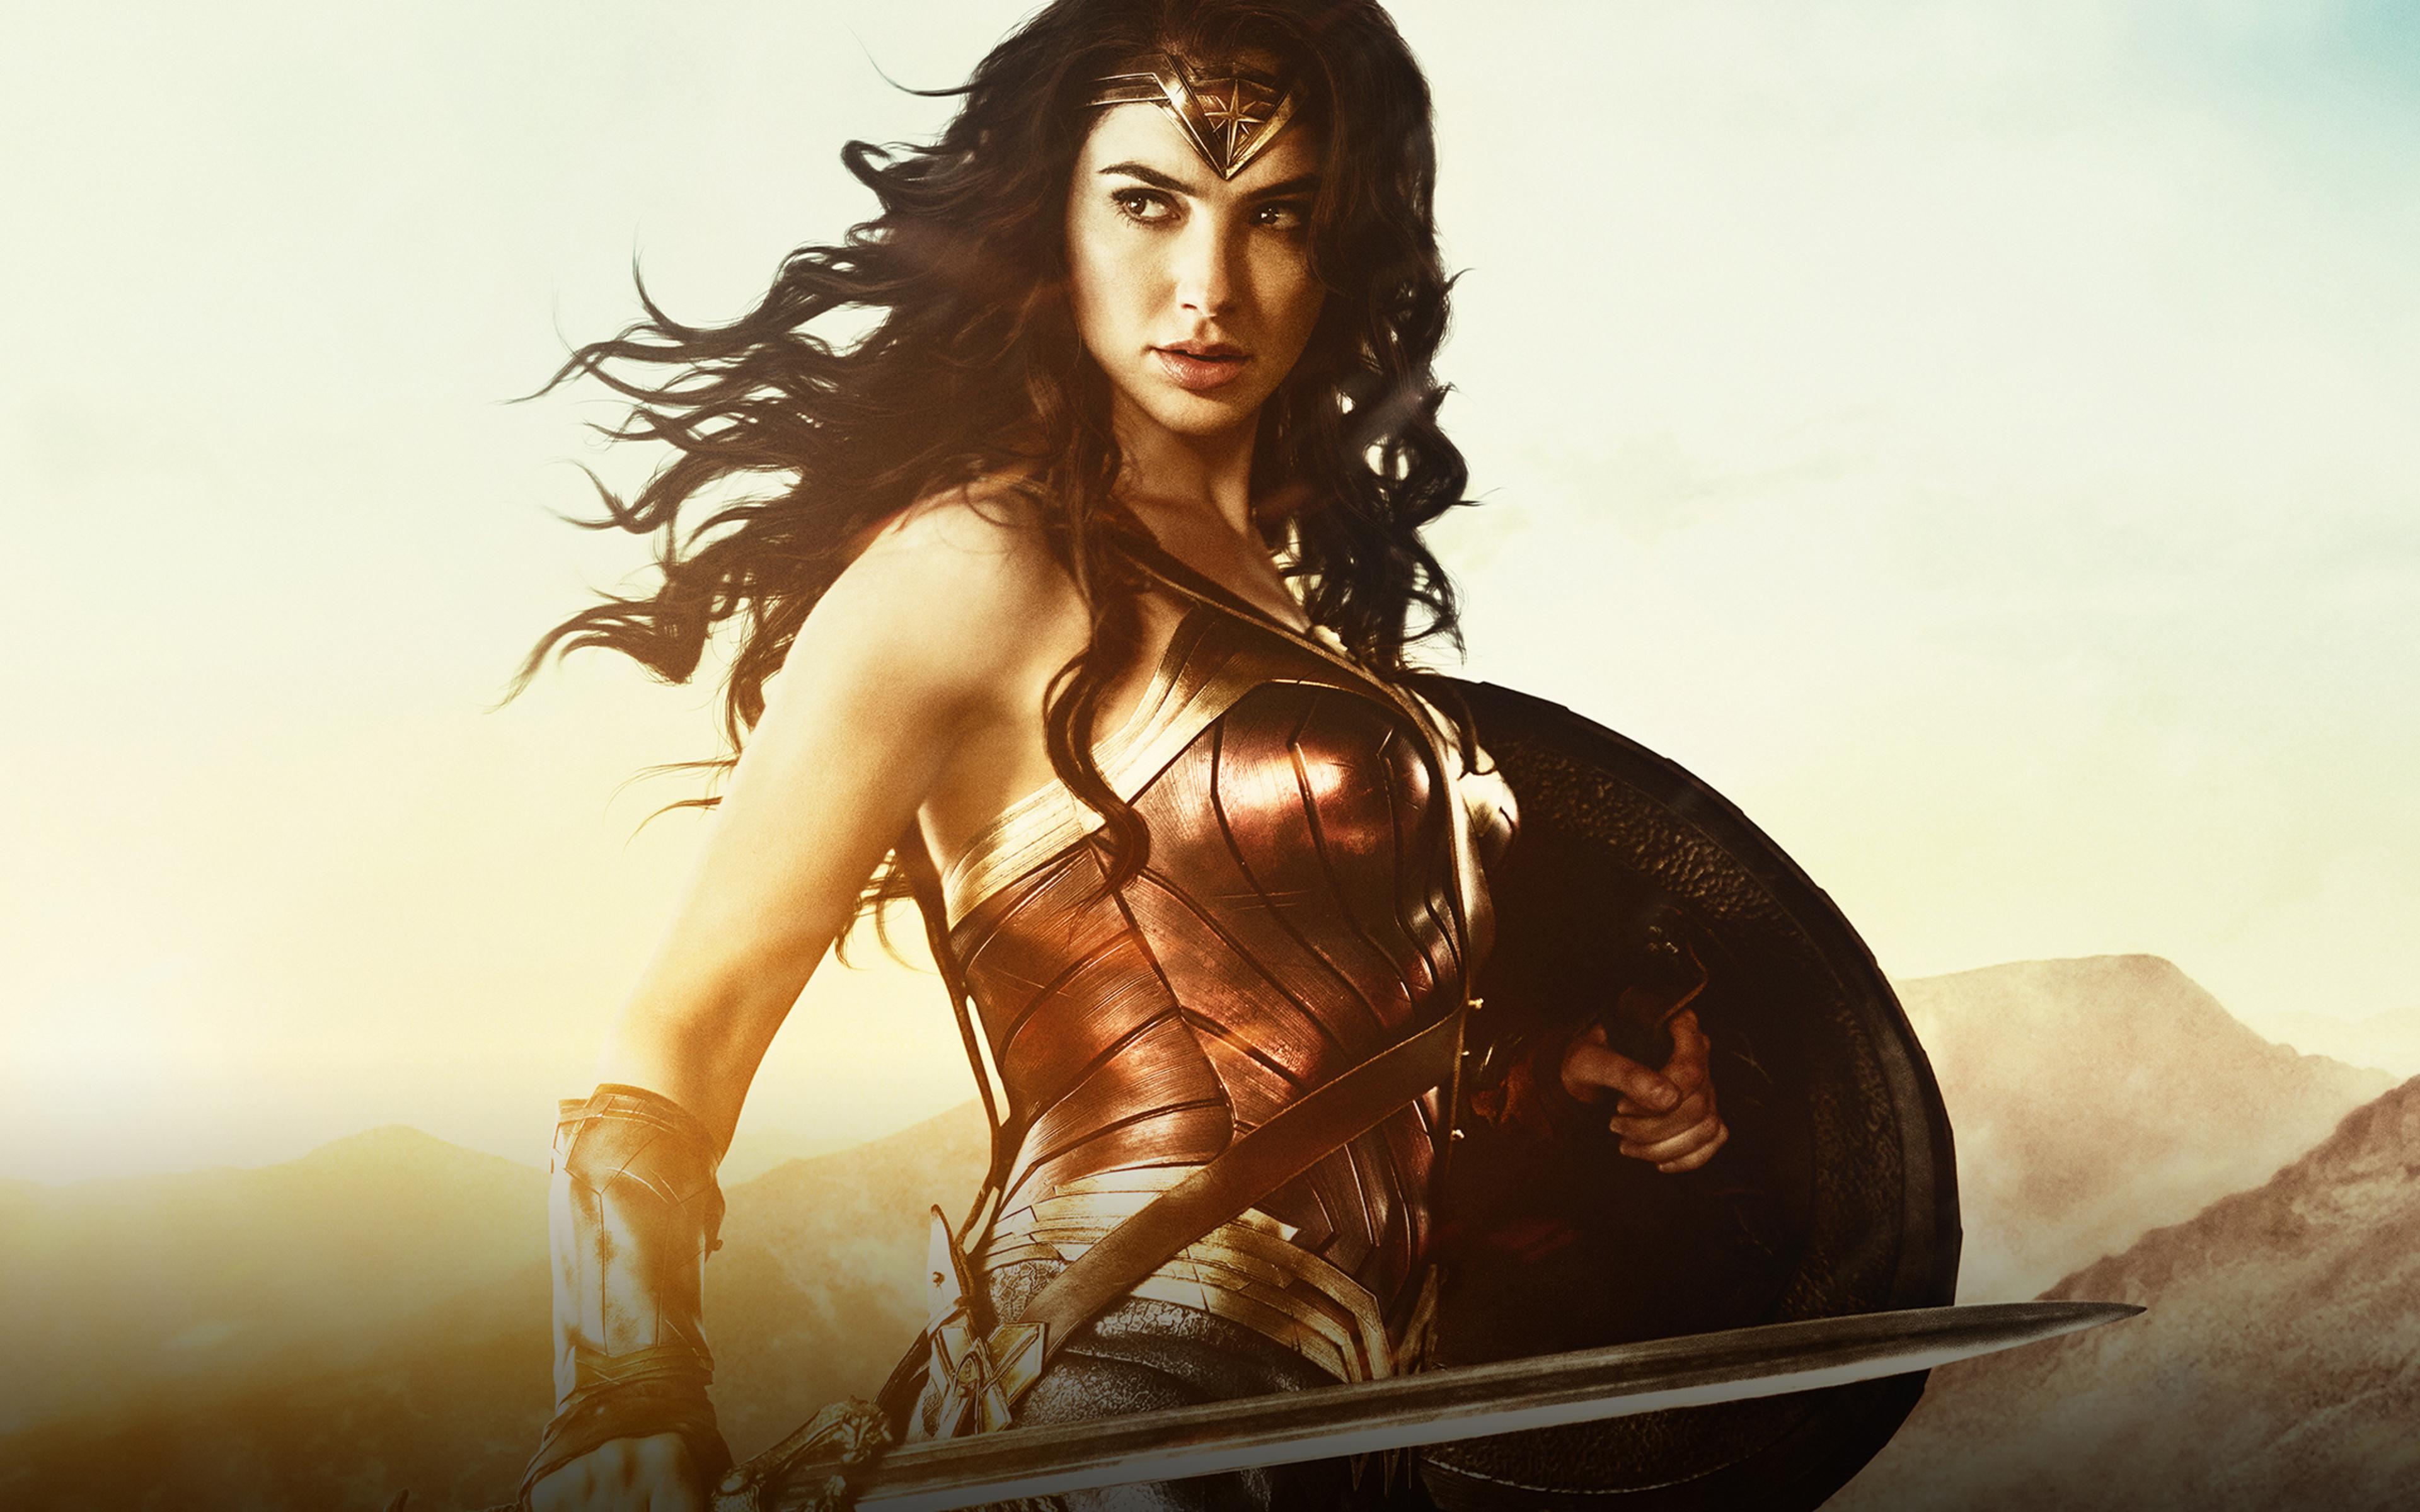 1280x1024 Wonder Woman Movie 1280x1024 Resolution Hd 4k: 3840x2400 Gal Gadot Wonder Woman HD 4k HD 4k Wallpapers